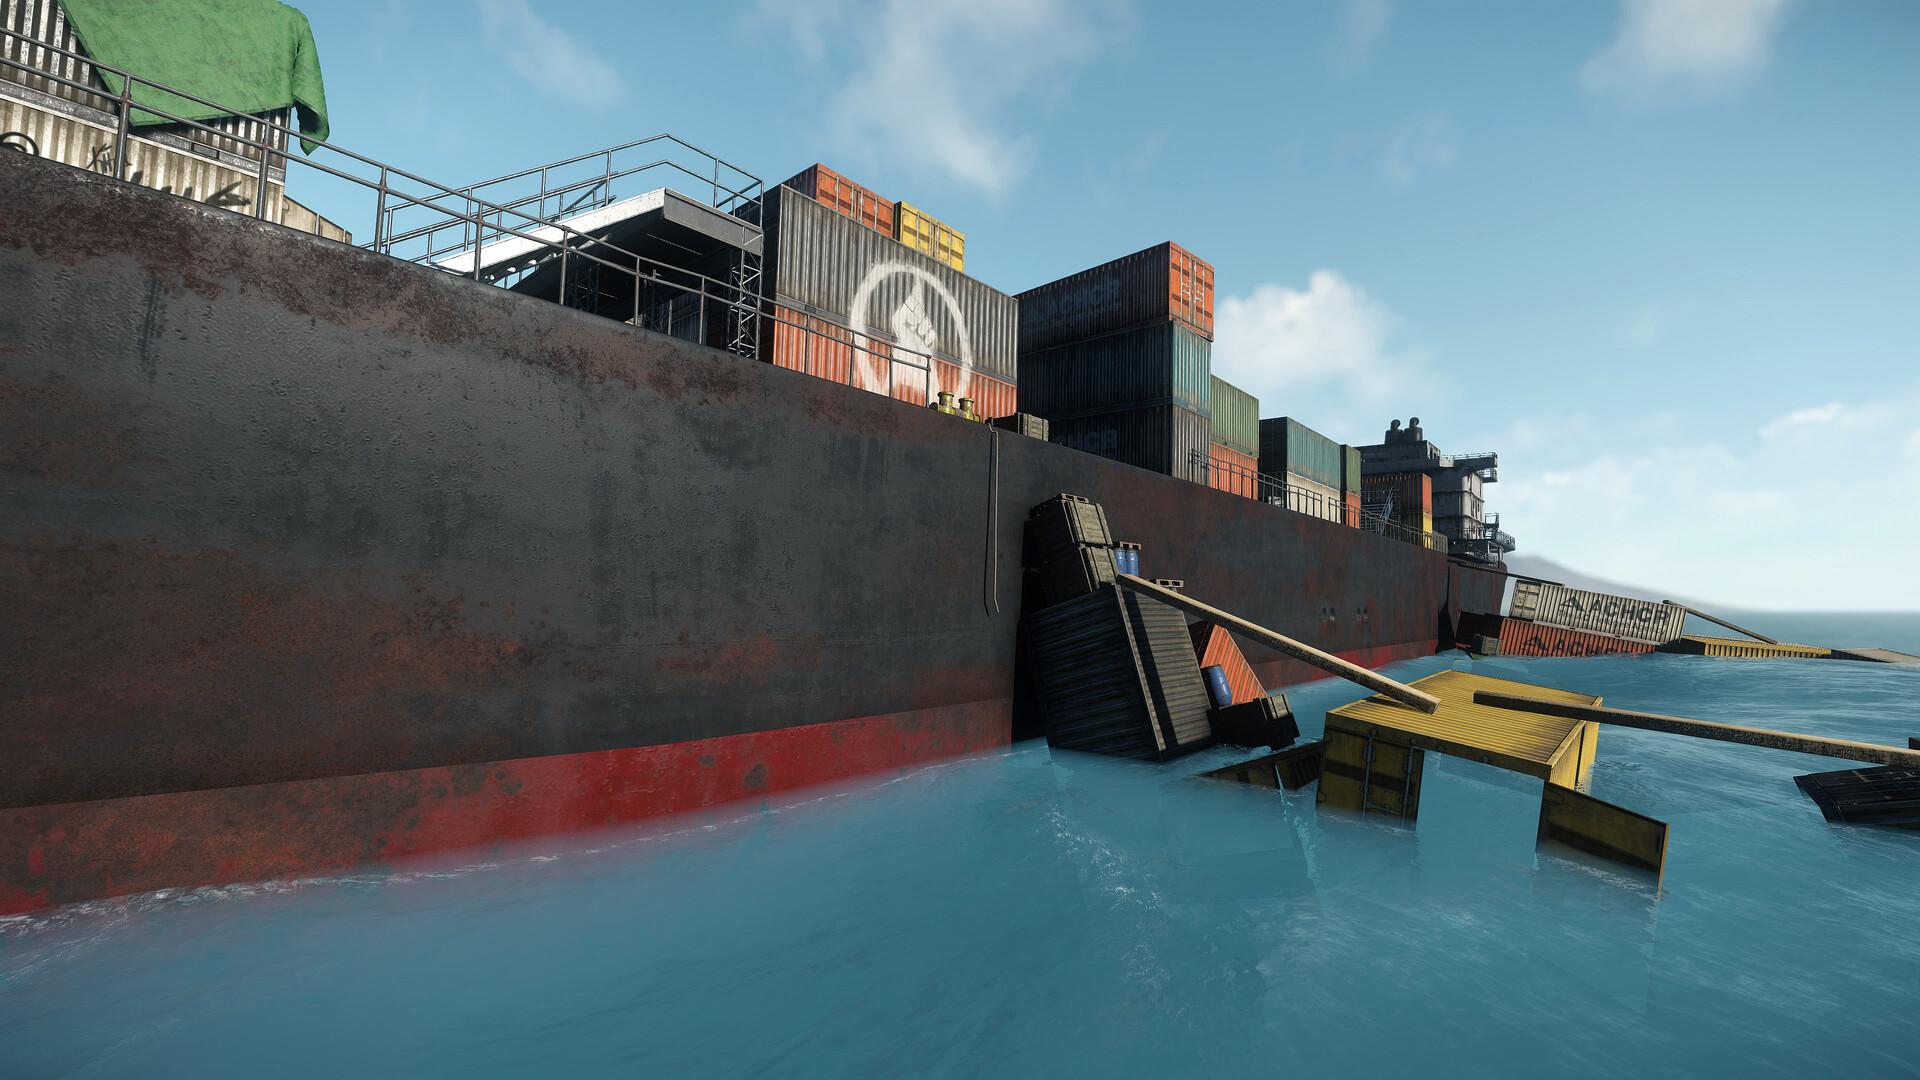 Carl kent oil tanker 14v2